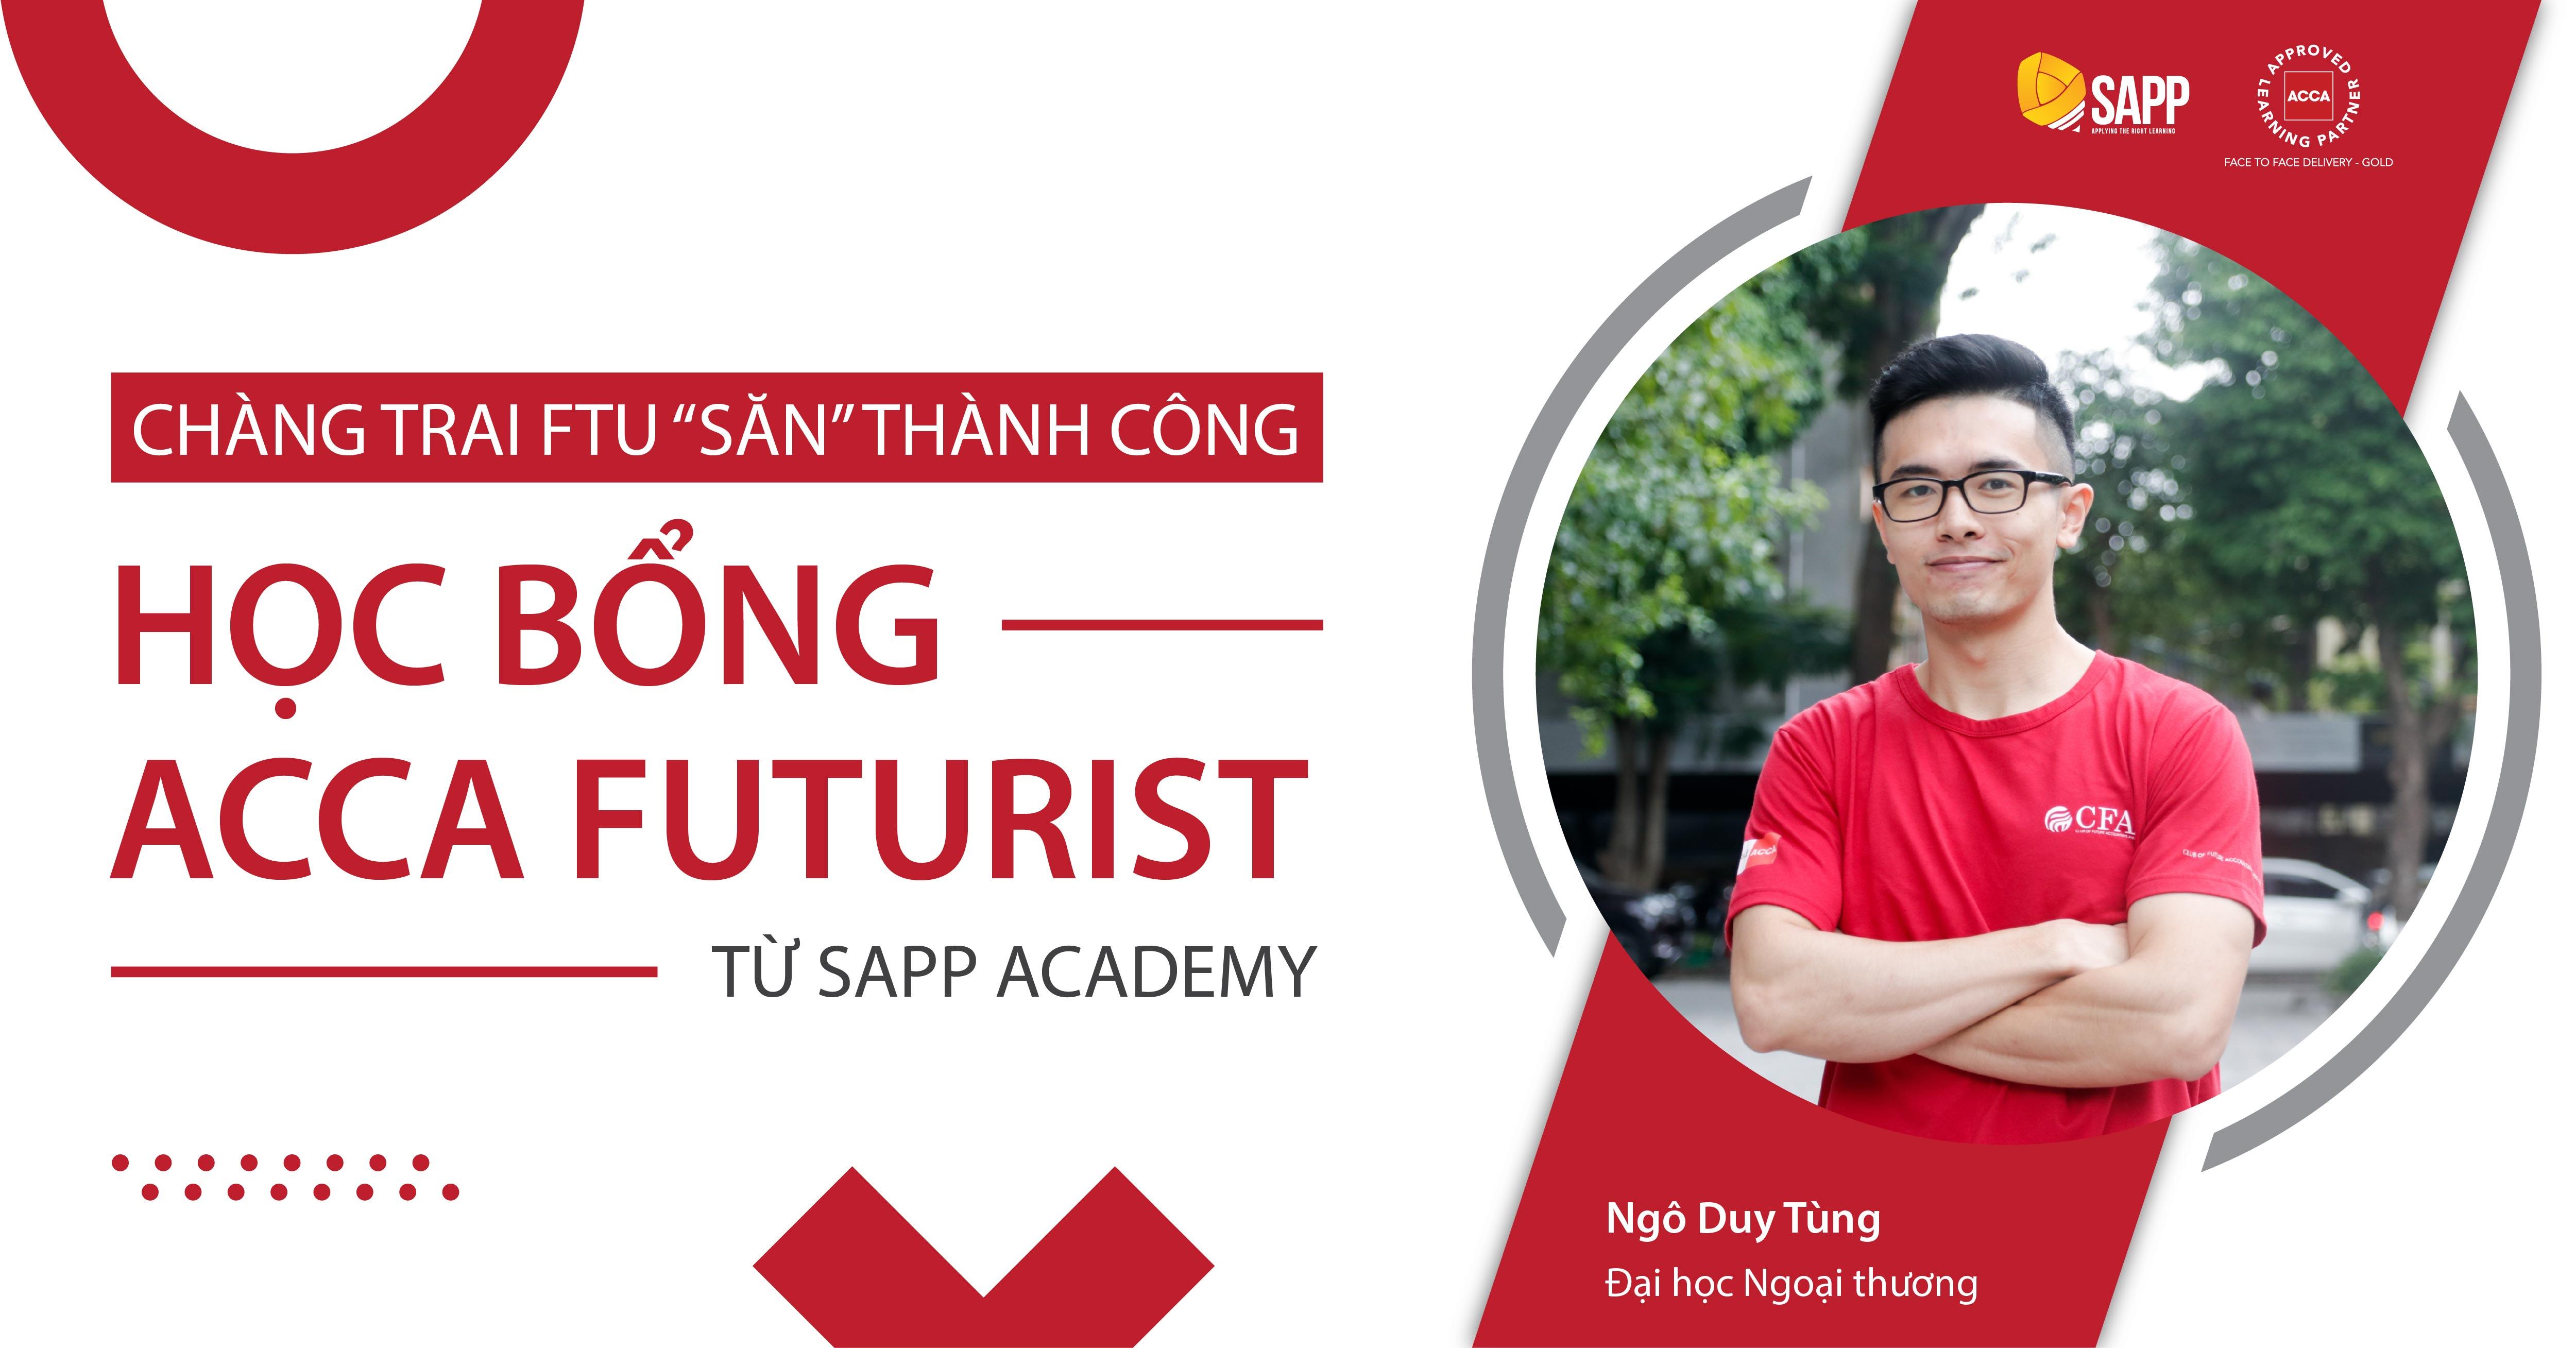 """Được ACCA hết lời khen ngợi, chàng trai FTU """"săn"""" thành công học bổng ACCA Futurist từ SAPP Academy"""